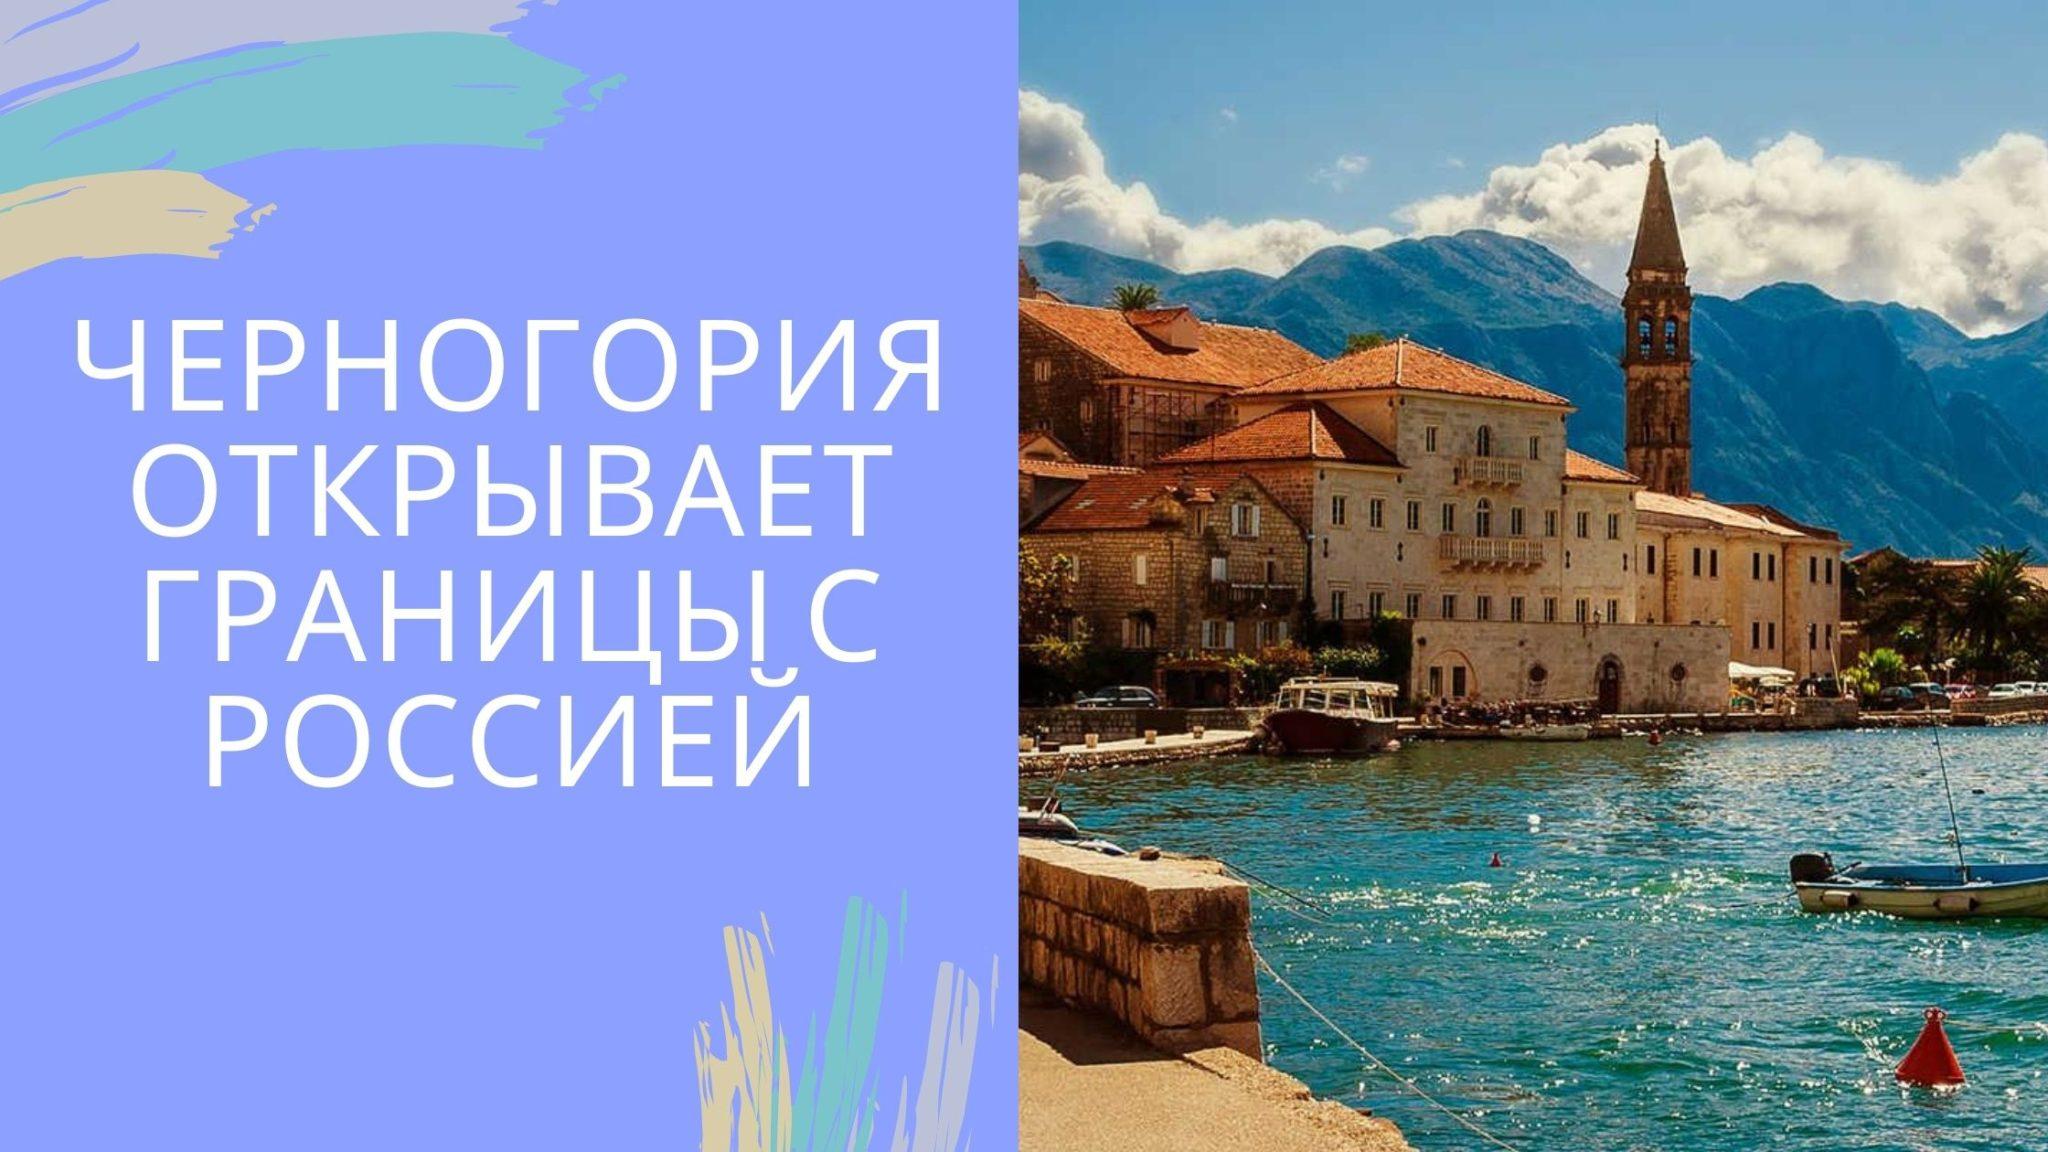 Черногория открывает границы для россиян